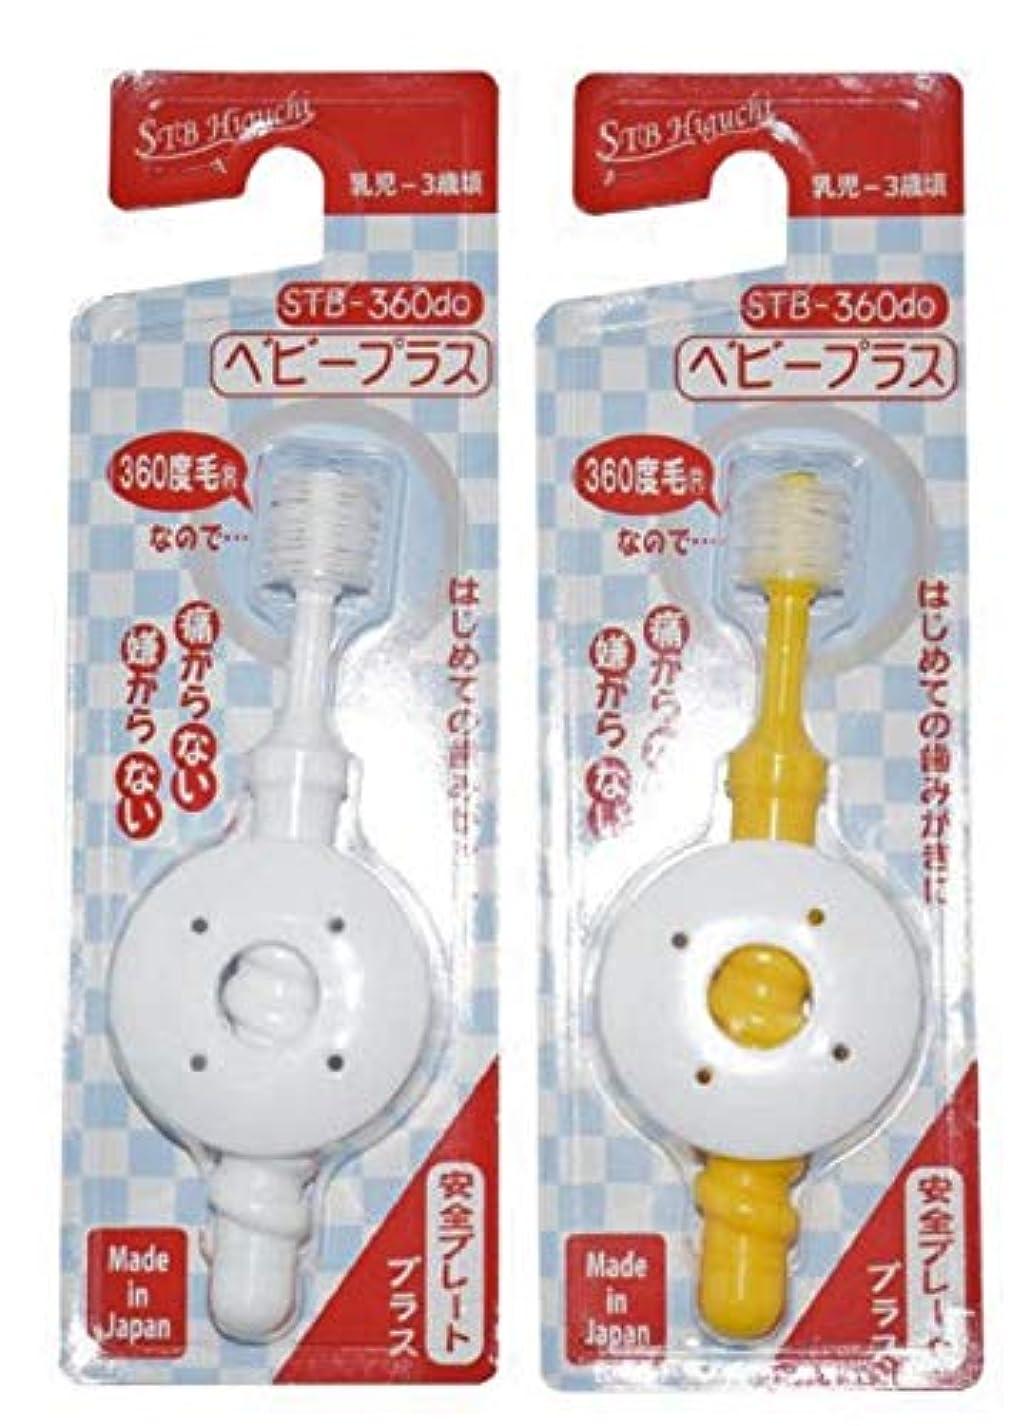 若者感性理想的にはSTB-360do ベビープラス 2本セット 喉付き防止 安全パーツ付き幼児用